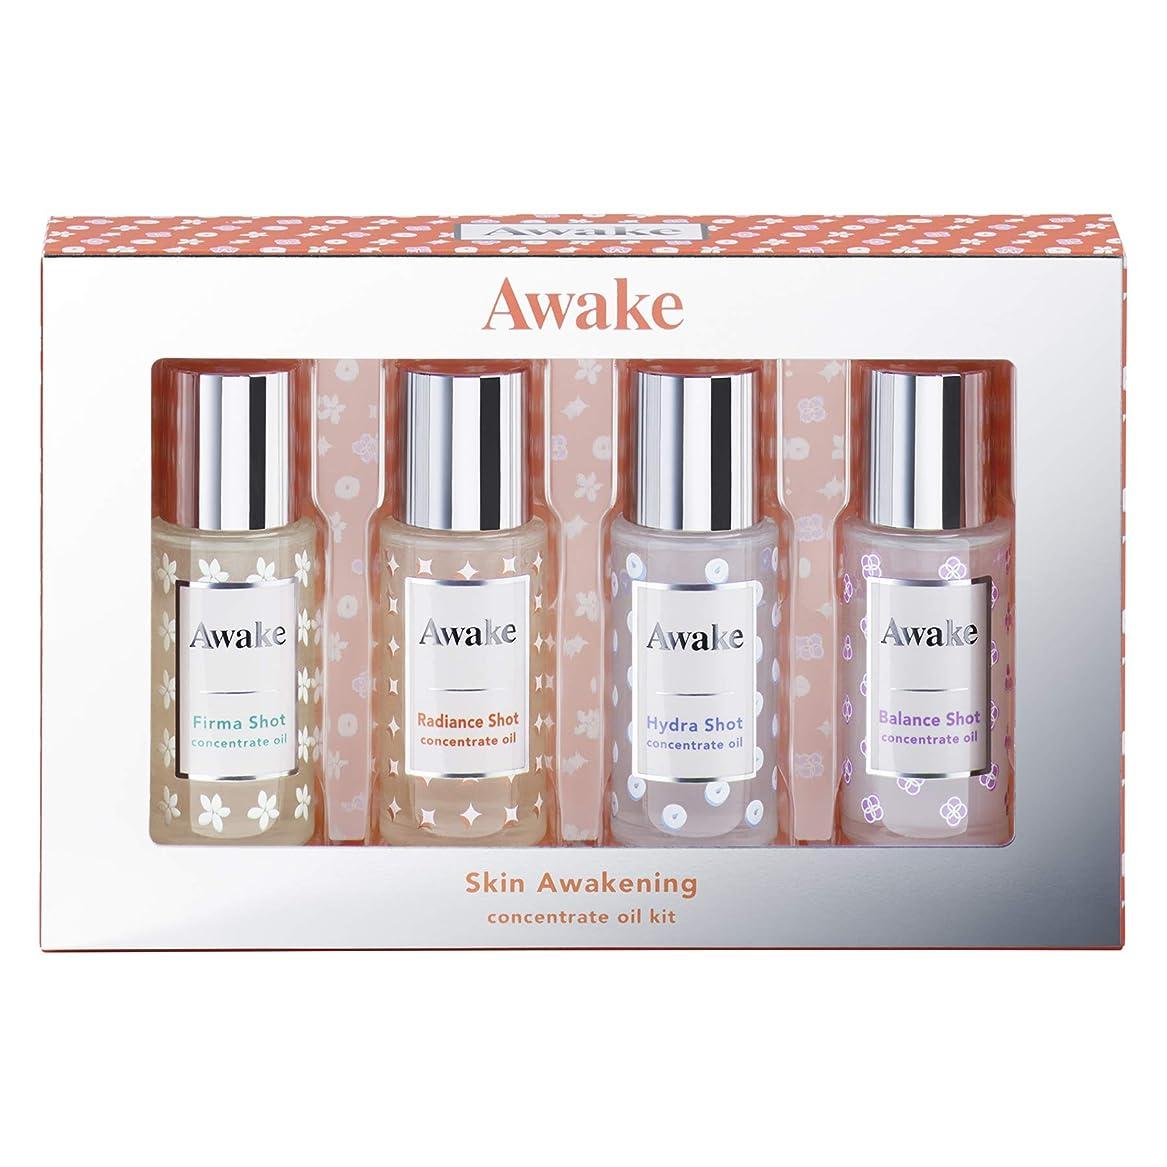 うめき声証書準備アウェイク(AWAKE) アウェイク(AWAKE) スキンアウェイクニング コンセントレイトオイル キット (10mL × 4個)